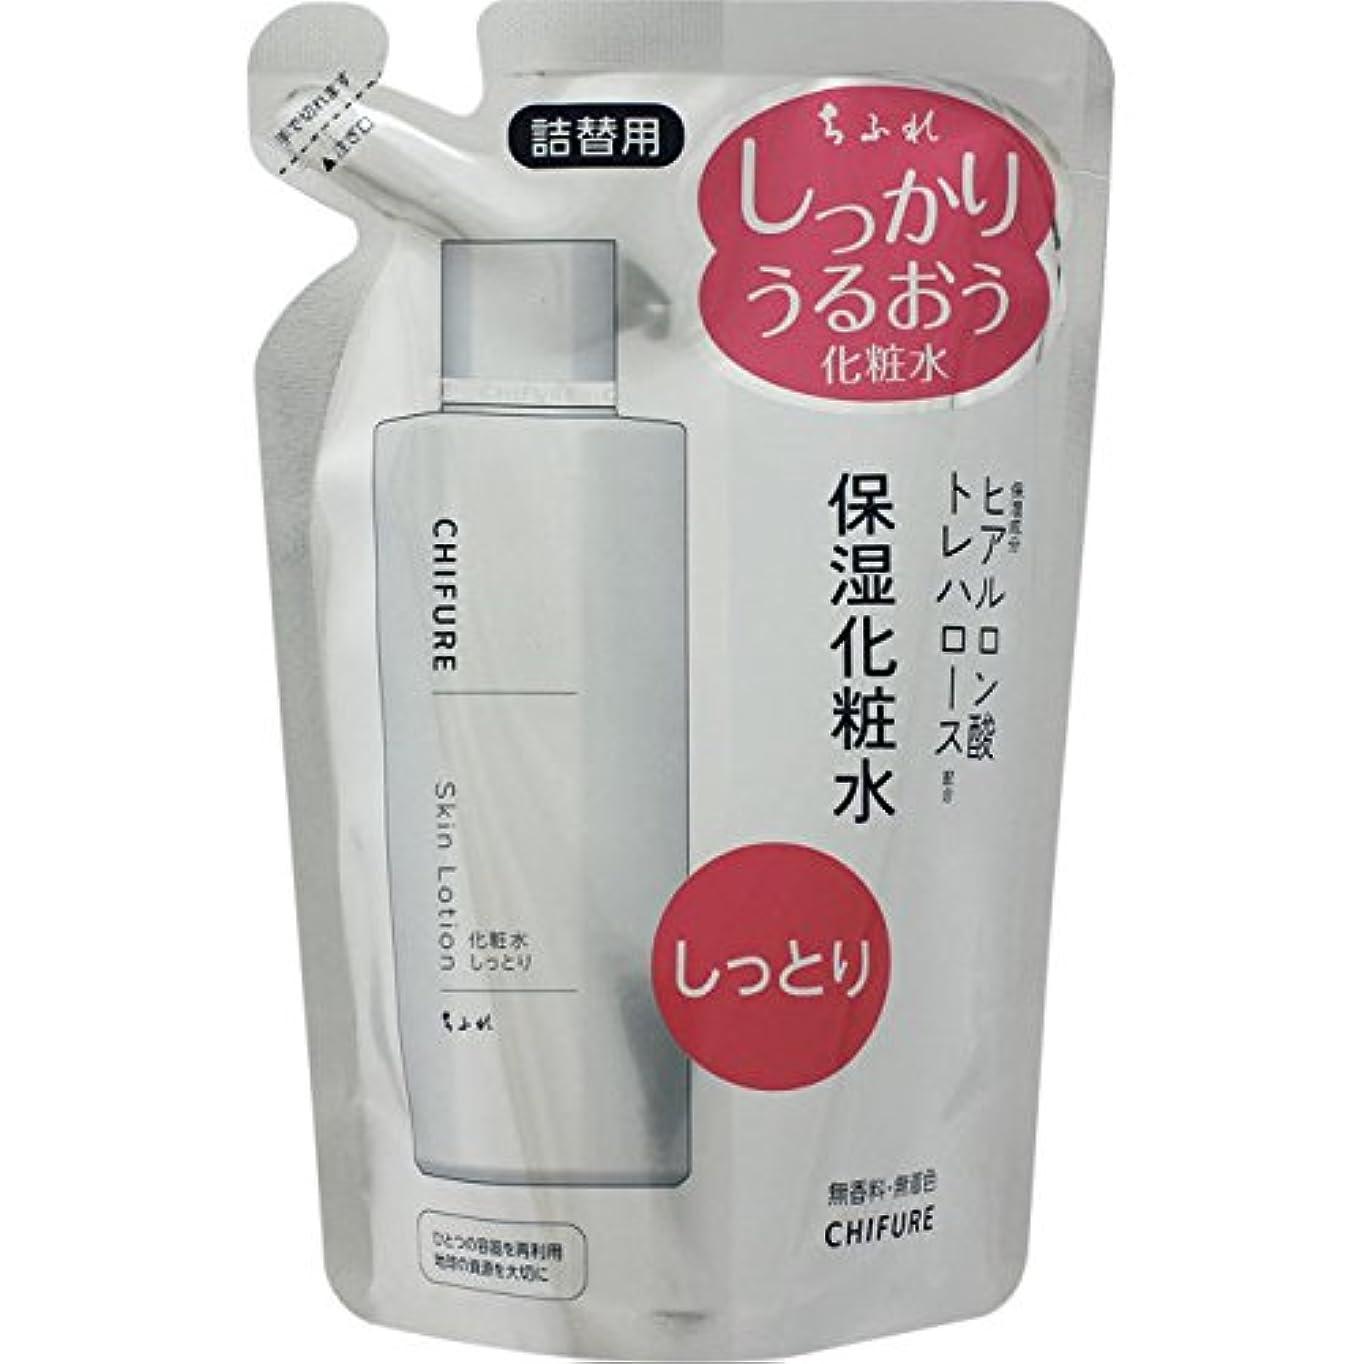 驚いた医薬腹部ちふれ化粧品 化粧水 しっとりタイプ N 詰替え用 150ml 150ML